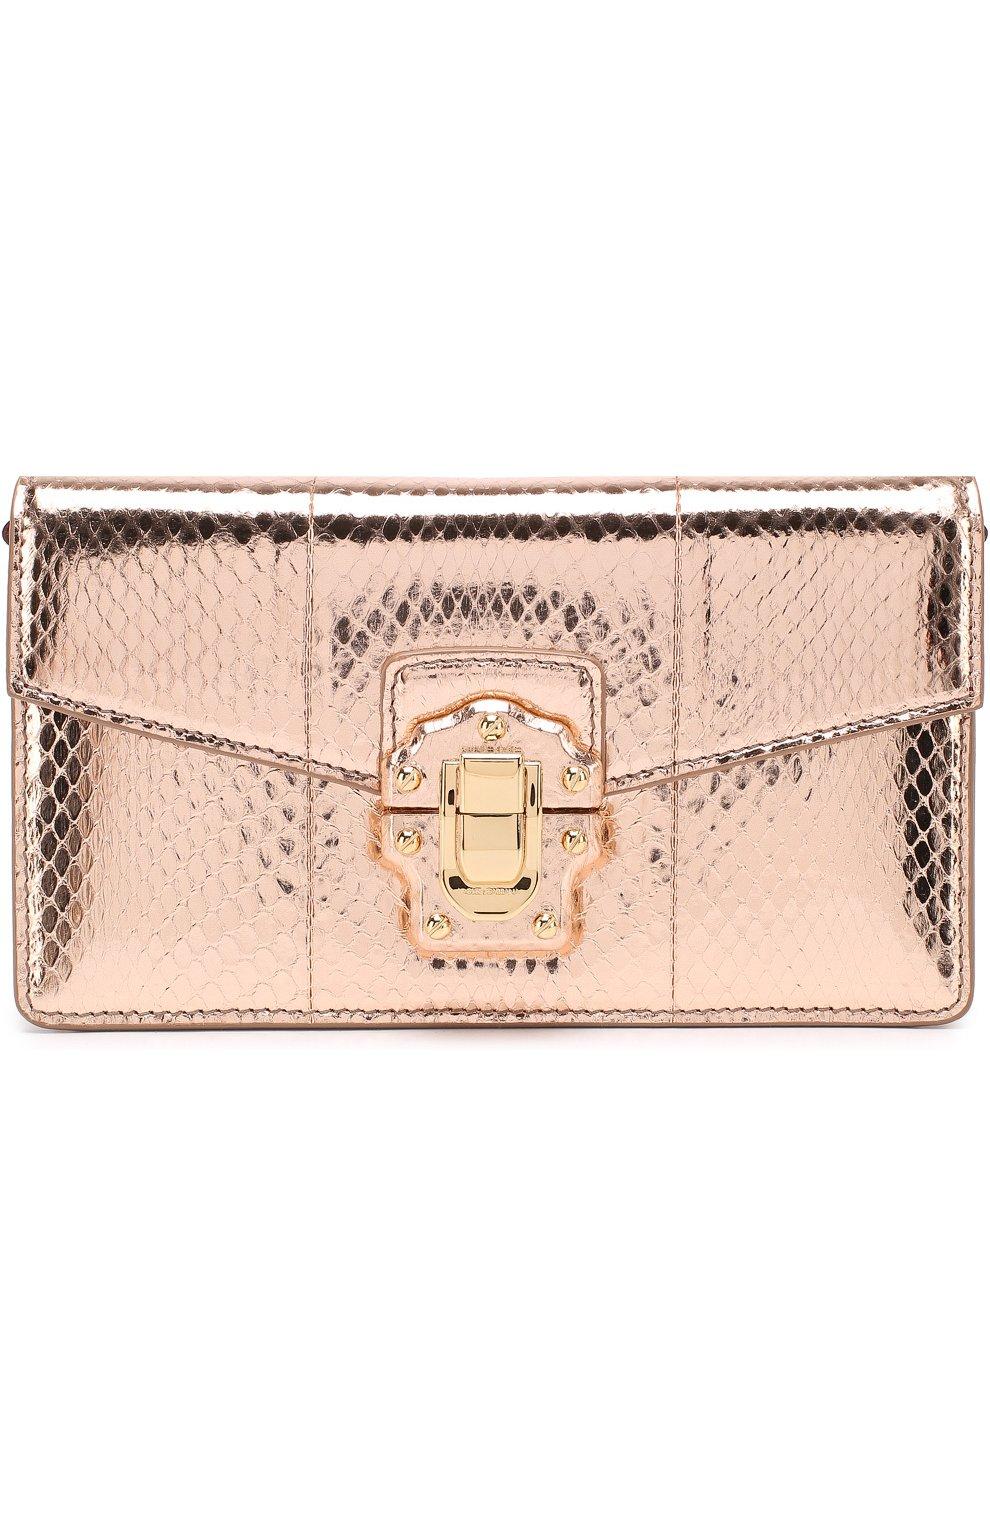 3b225cf77863 Бесцветные сумки Saint Laurent купить в интернет-магазине ЦУМ - товар  распродан